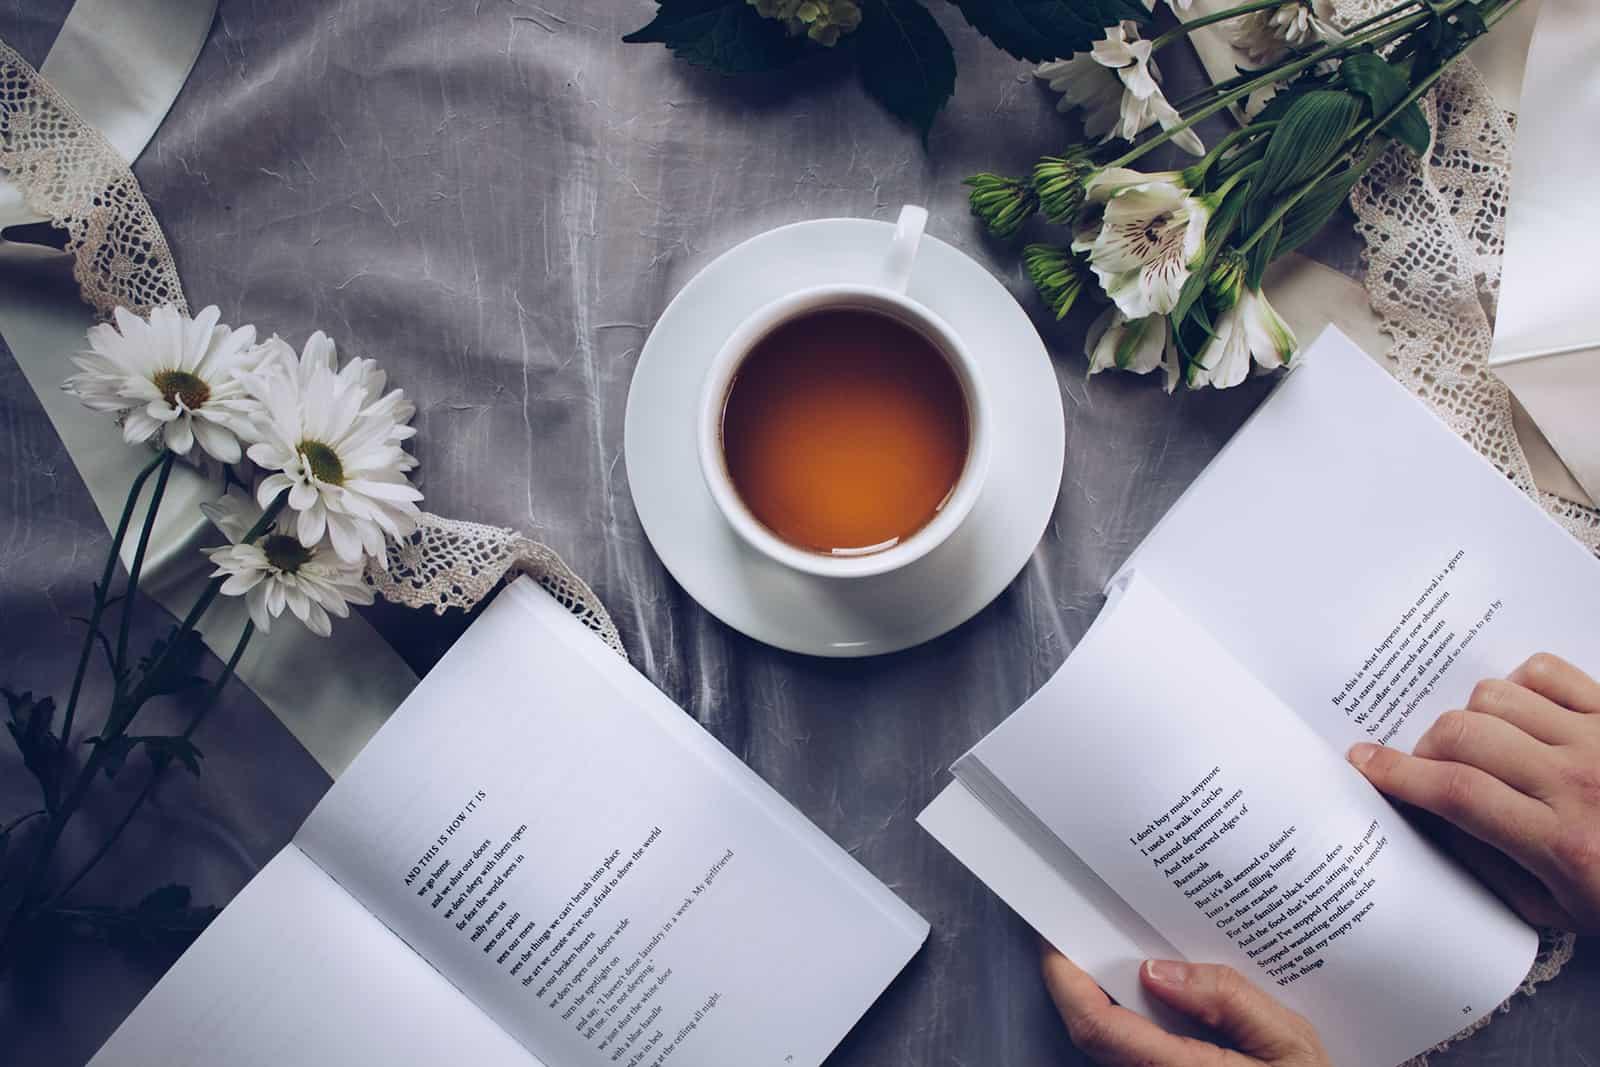 eine Person, die ein Buch neben dem Tee und den Blumen liest